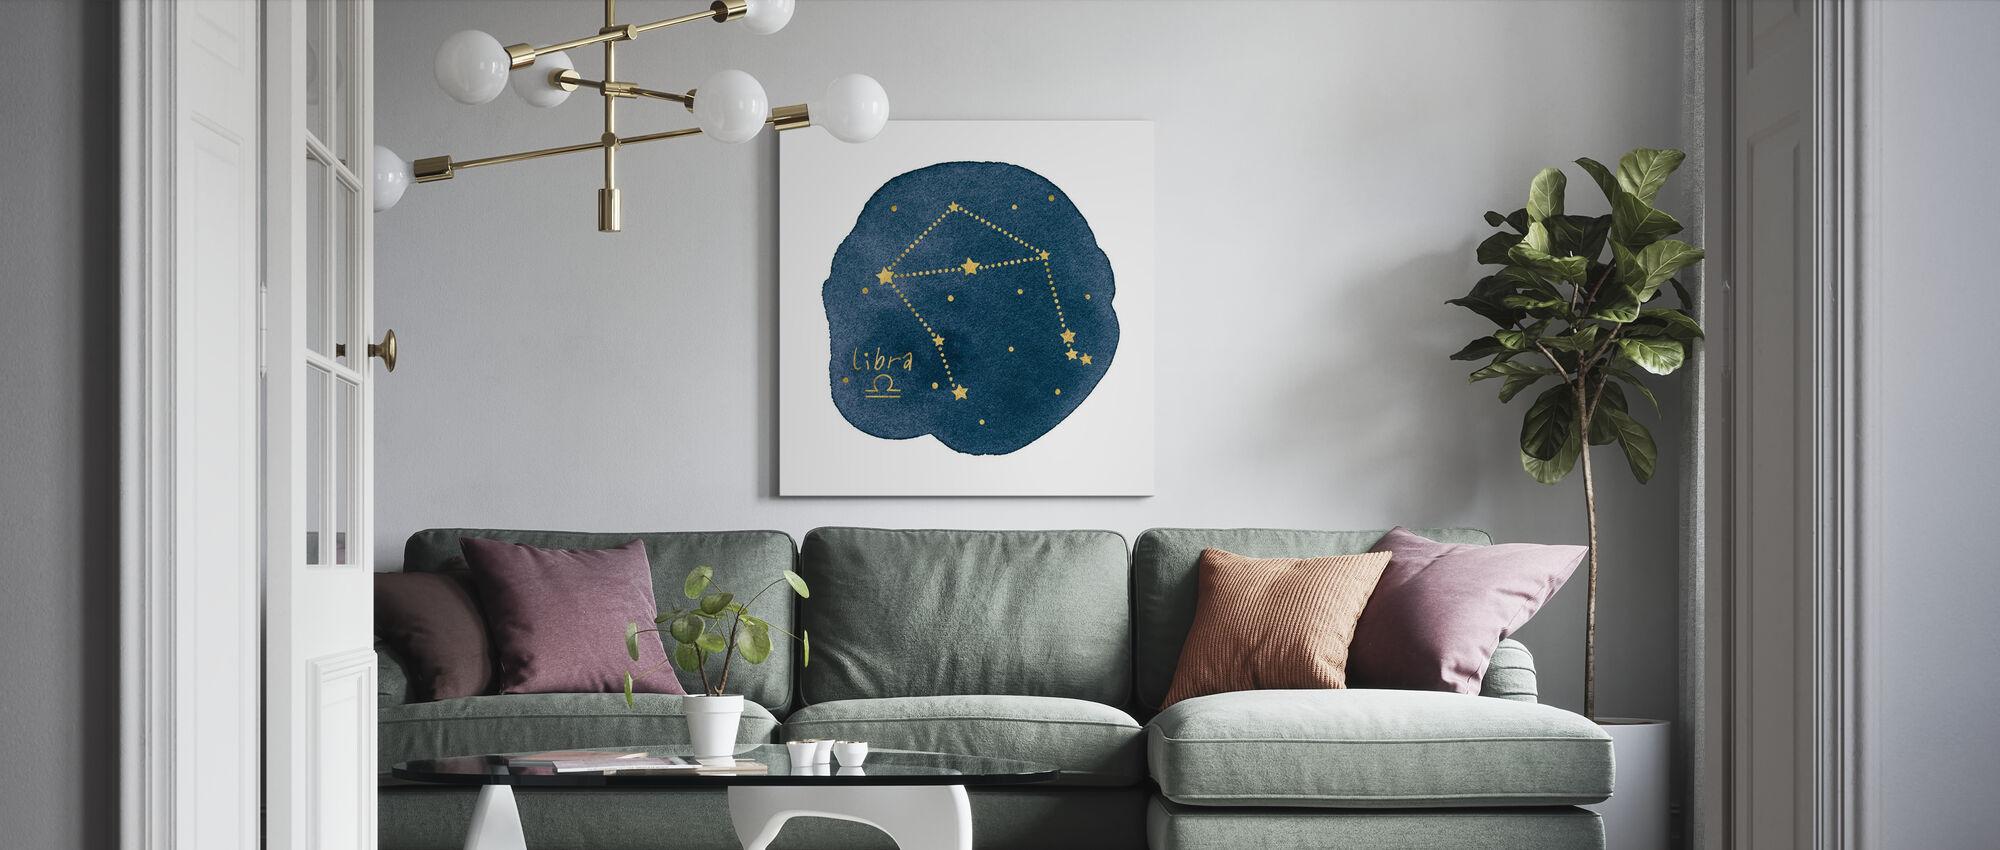 Horoscoop Weegschaal - Canvas print - Woonkamer